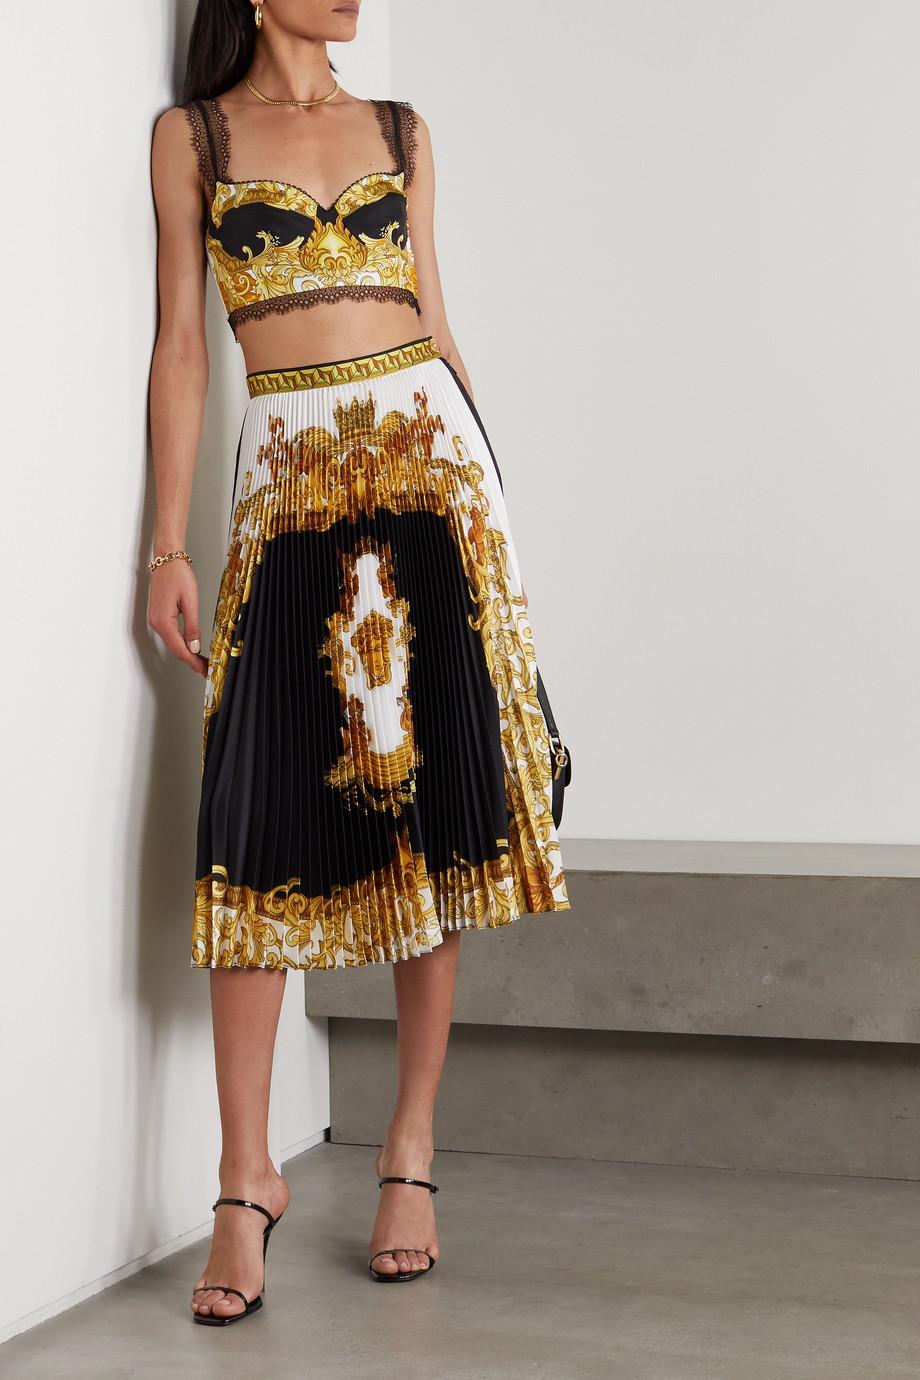 Versace Bustier aus bedrucktem Seiden-Twill mit Spitzenbesätzen